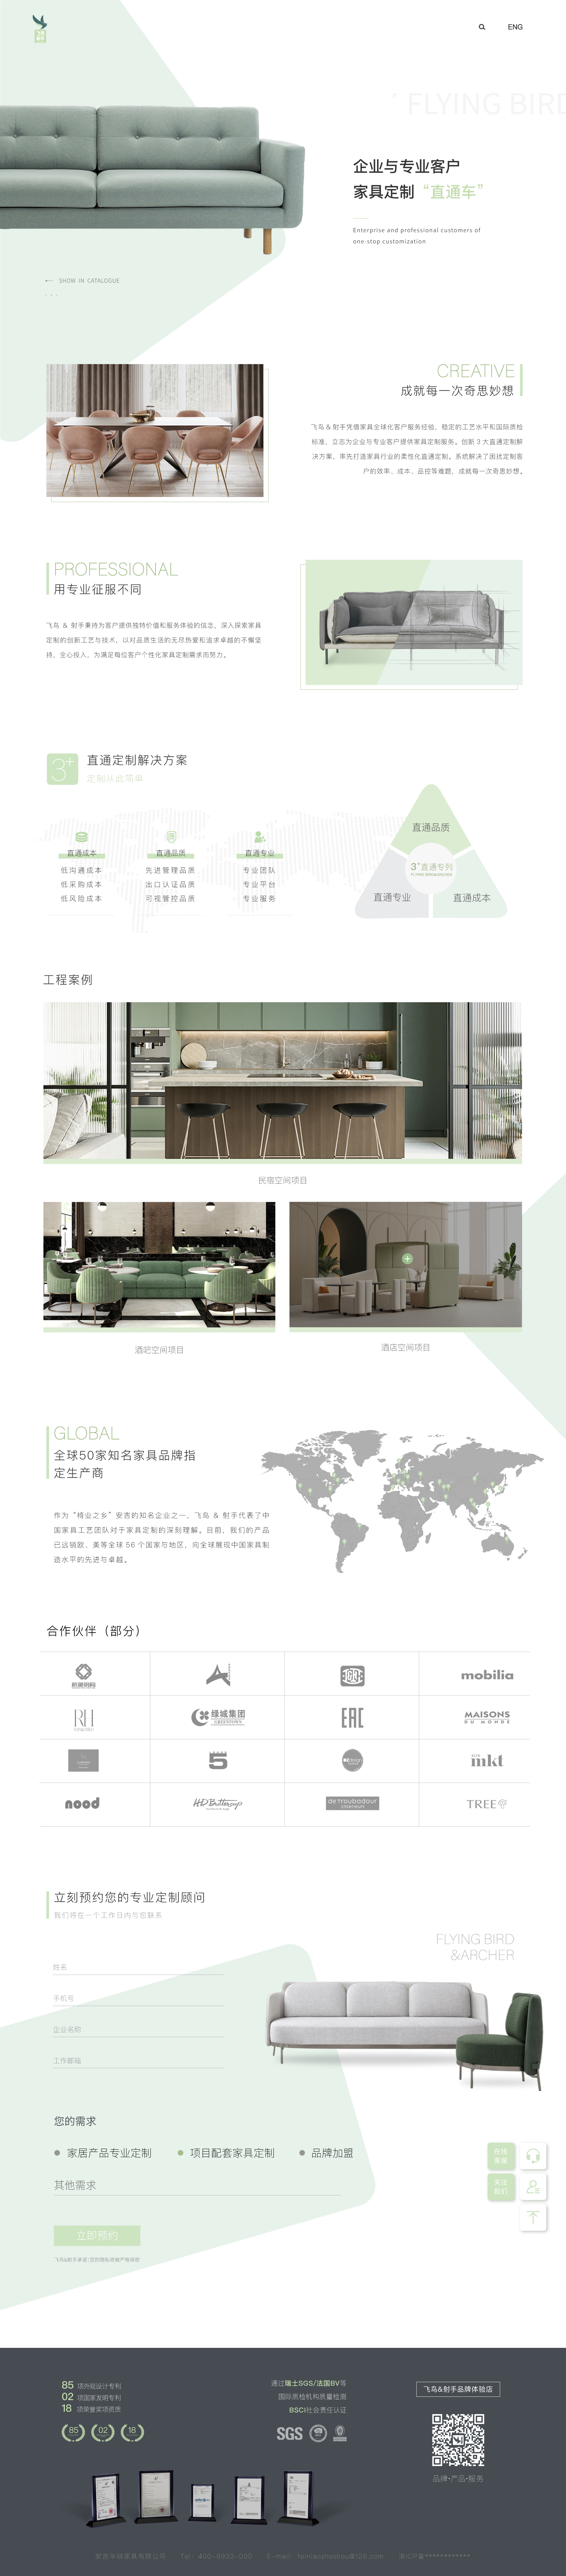 企业网站设计-飞鸟&射手家具网站设计-杭州品牌策划设计公司